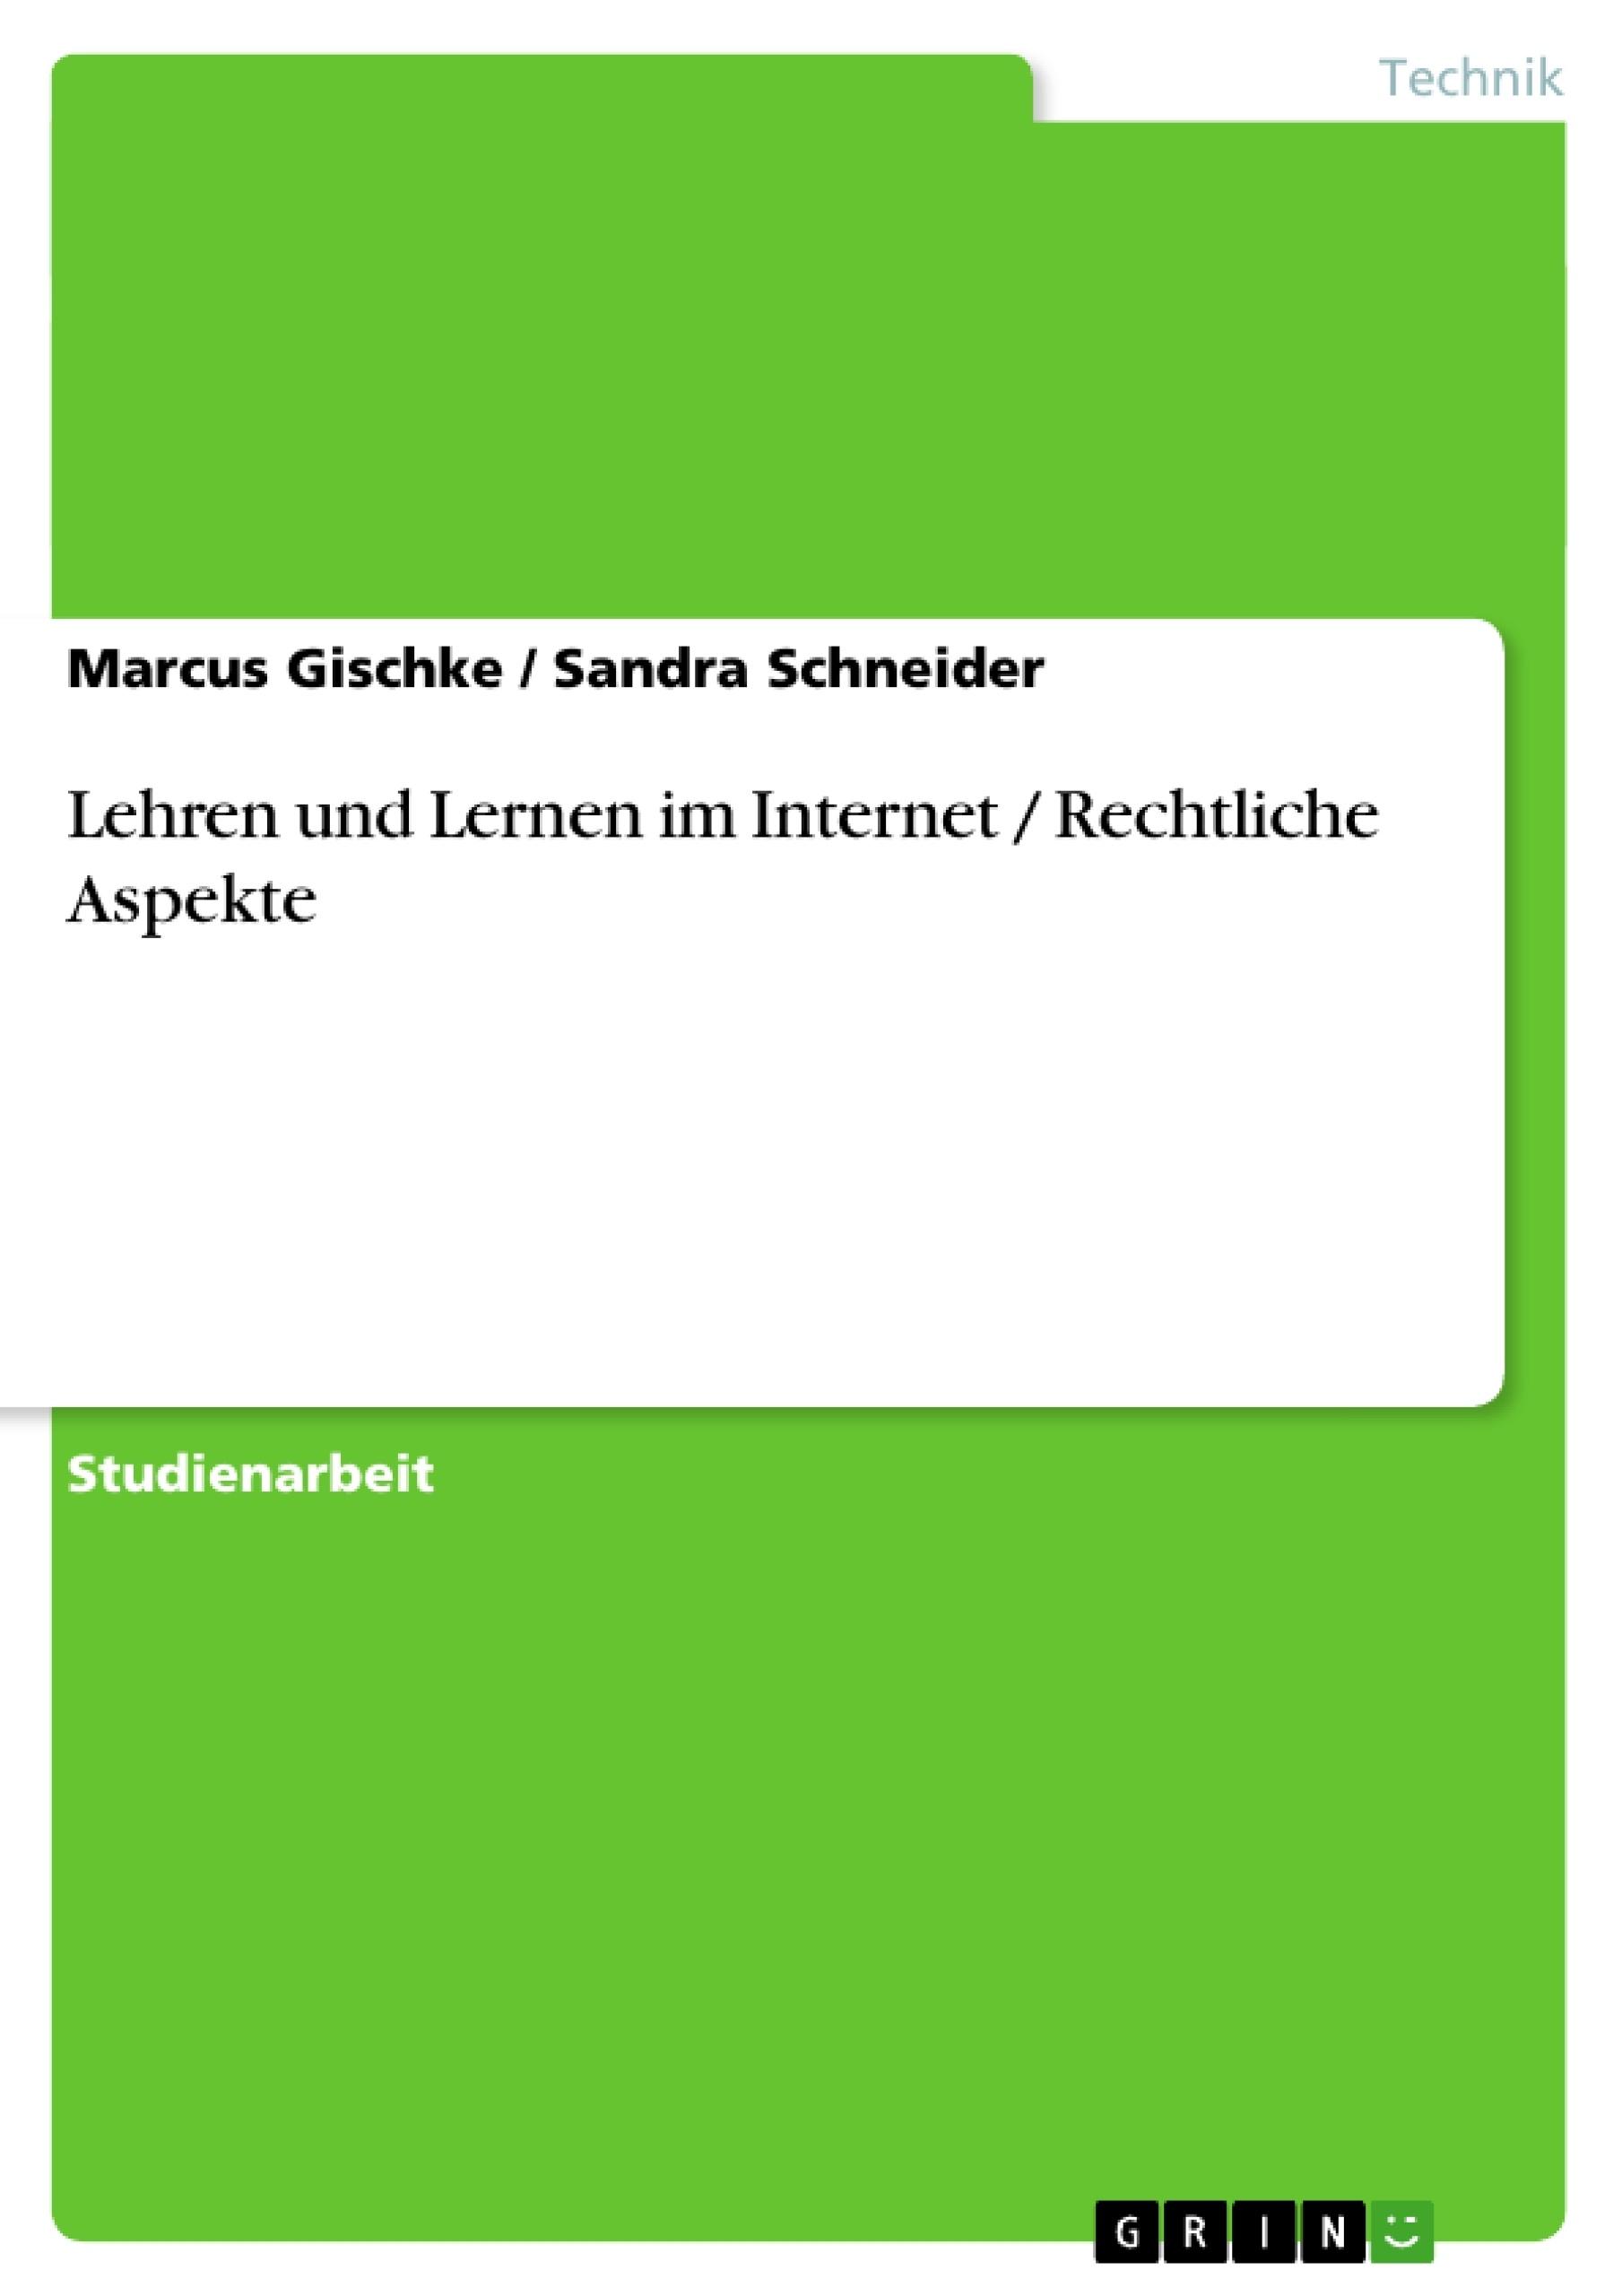 Titel: Lehren und Lernen im Internet / Rechtliche Aspekte